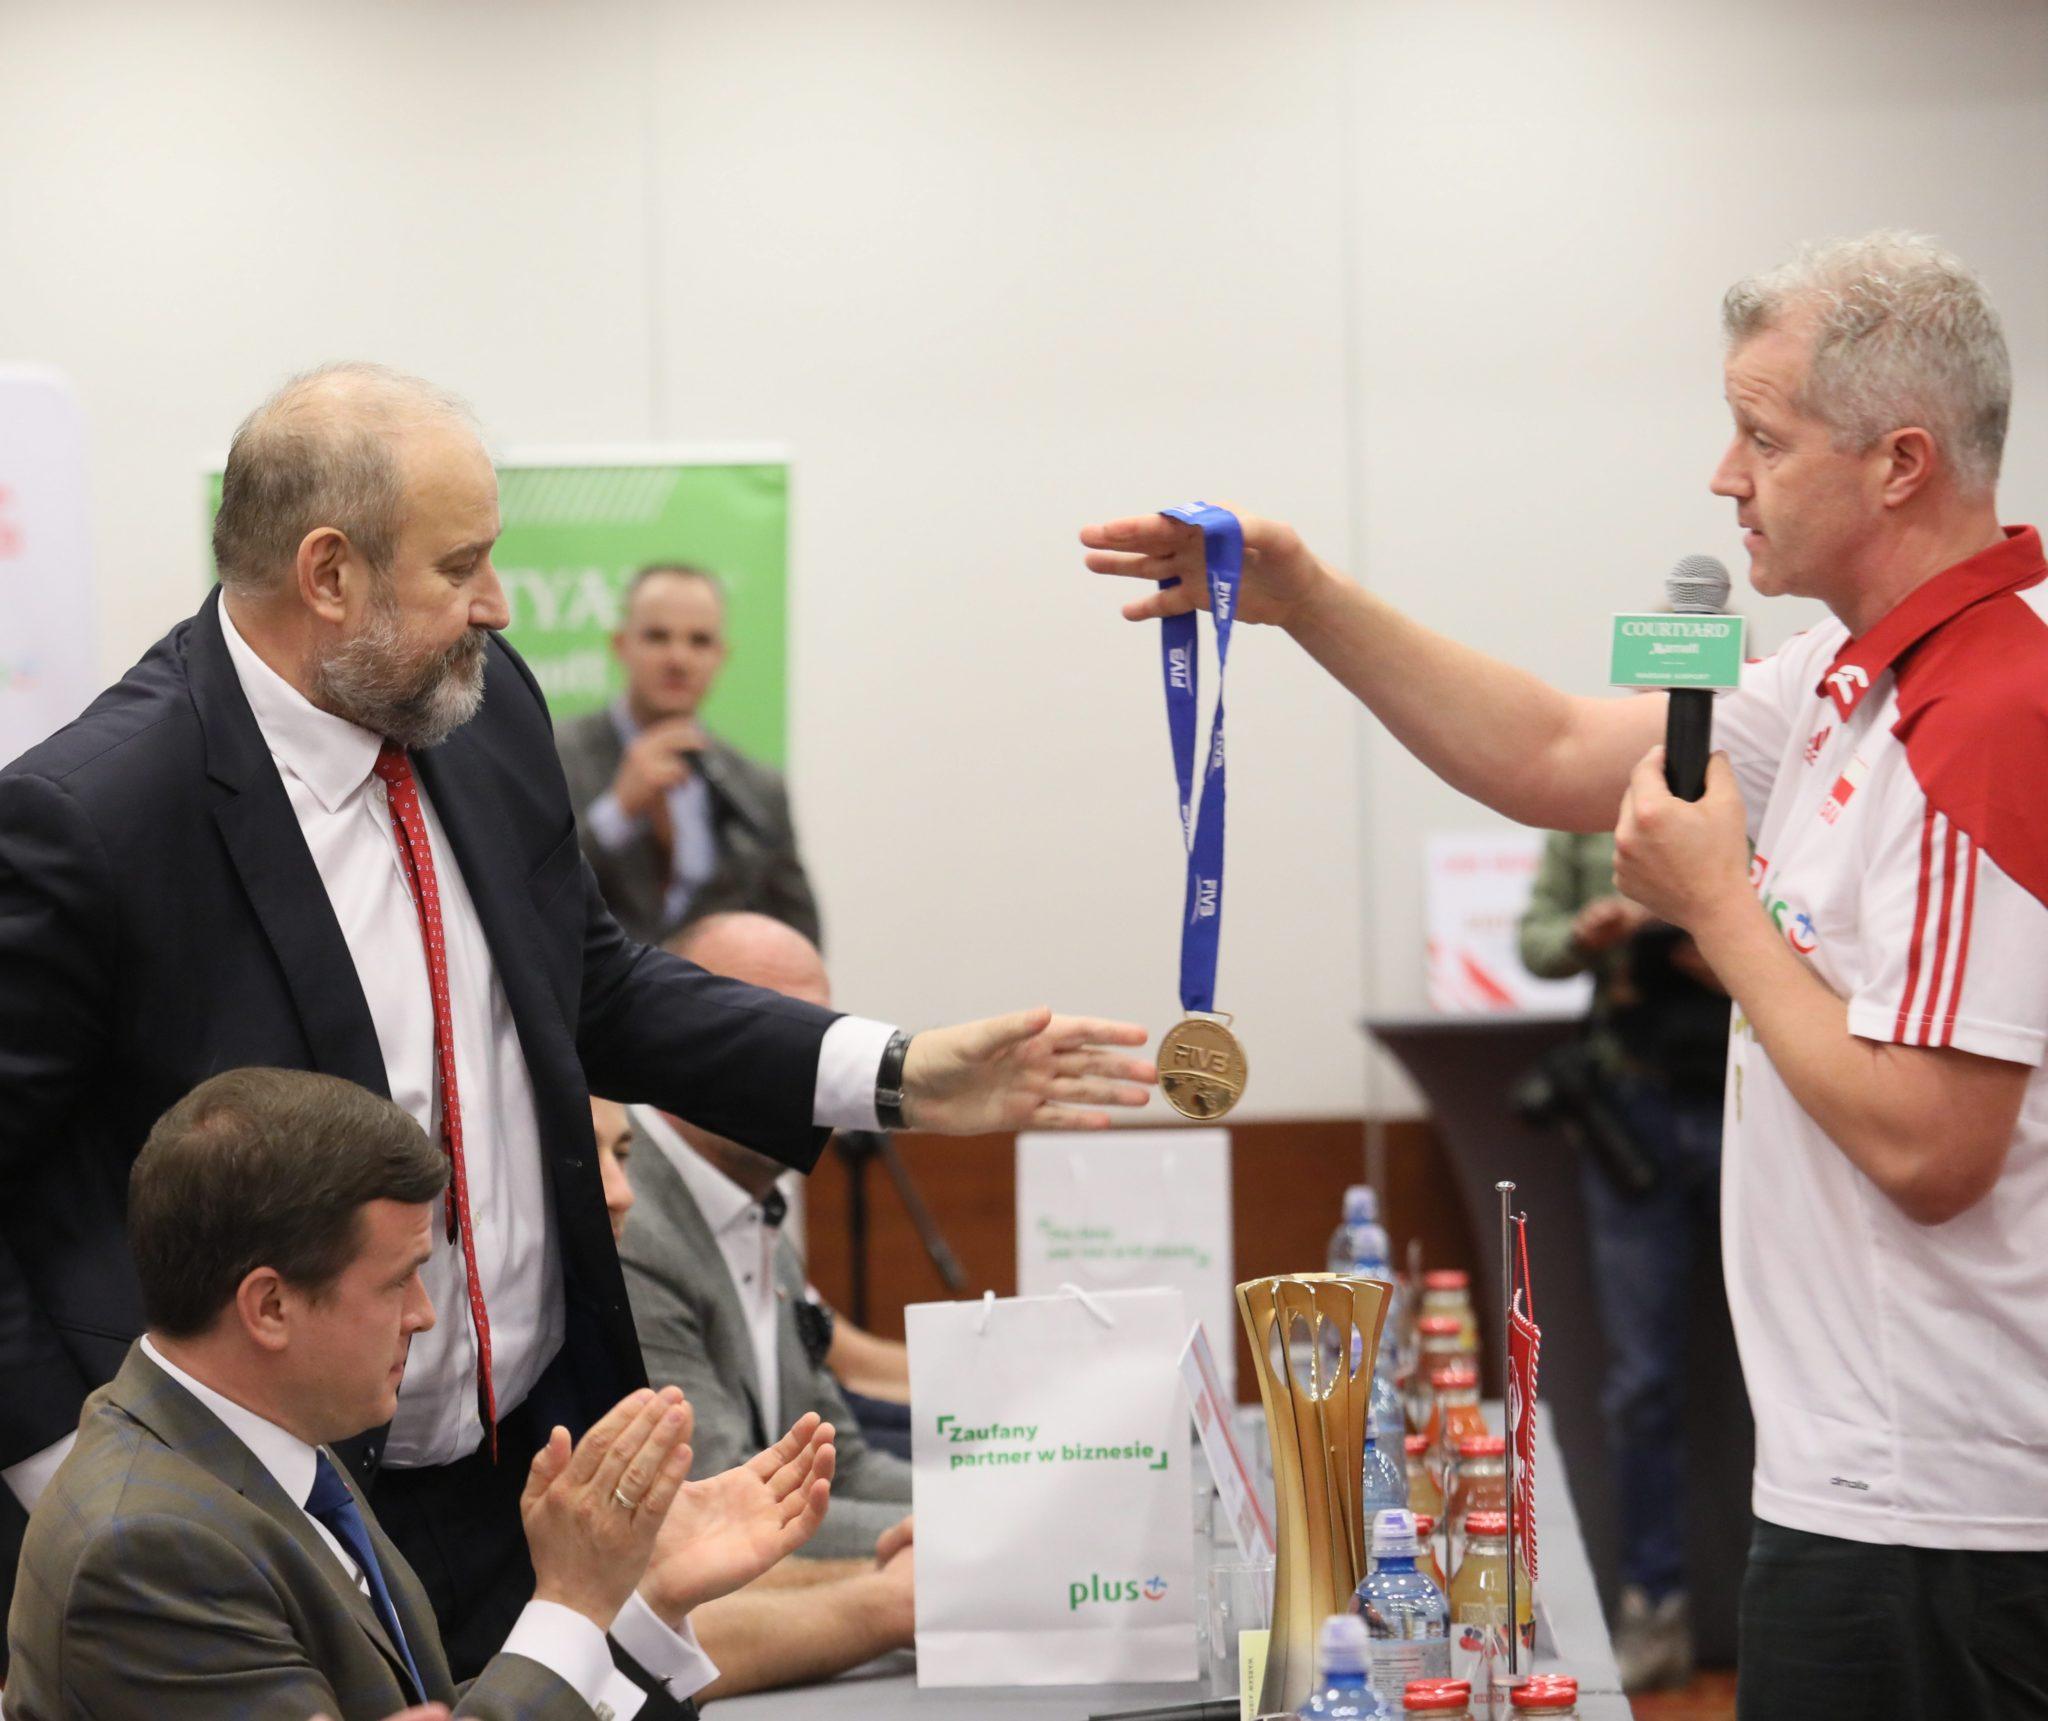 Trener siatkarskiej reprezentacji Polski Vital Heynen przekazał swój złoty medal MŚ prezesowi PZPS Jackowi Kasprzykowi podczas konferencji prasowej po powrocie z Włoch ze złotym medalem mistrzostw świata